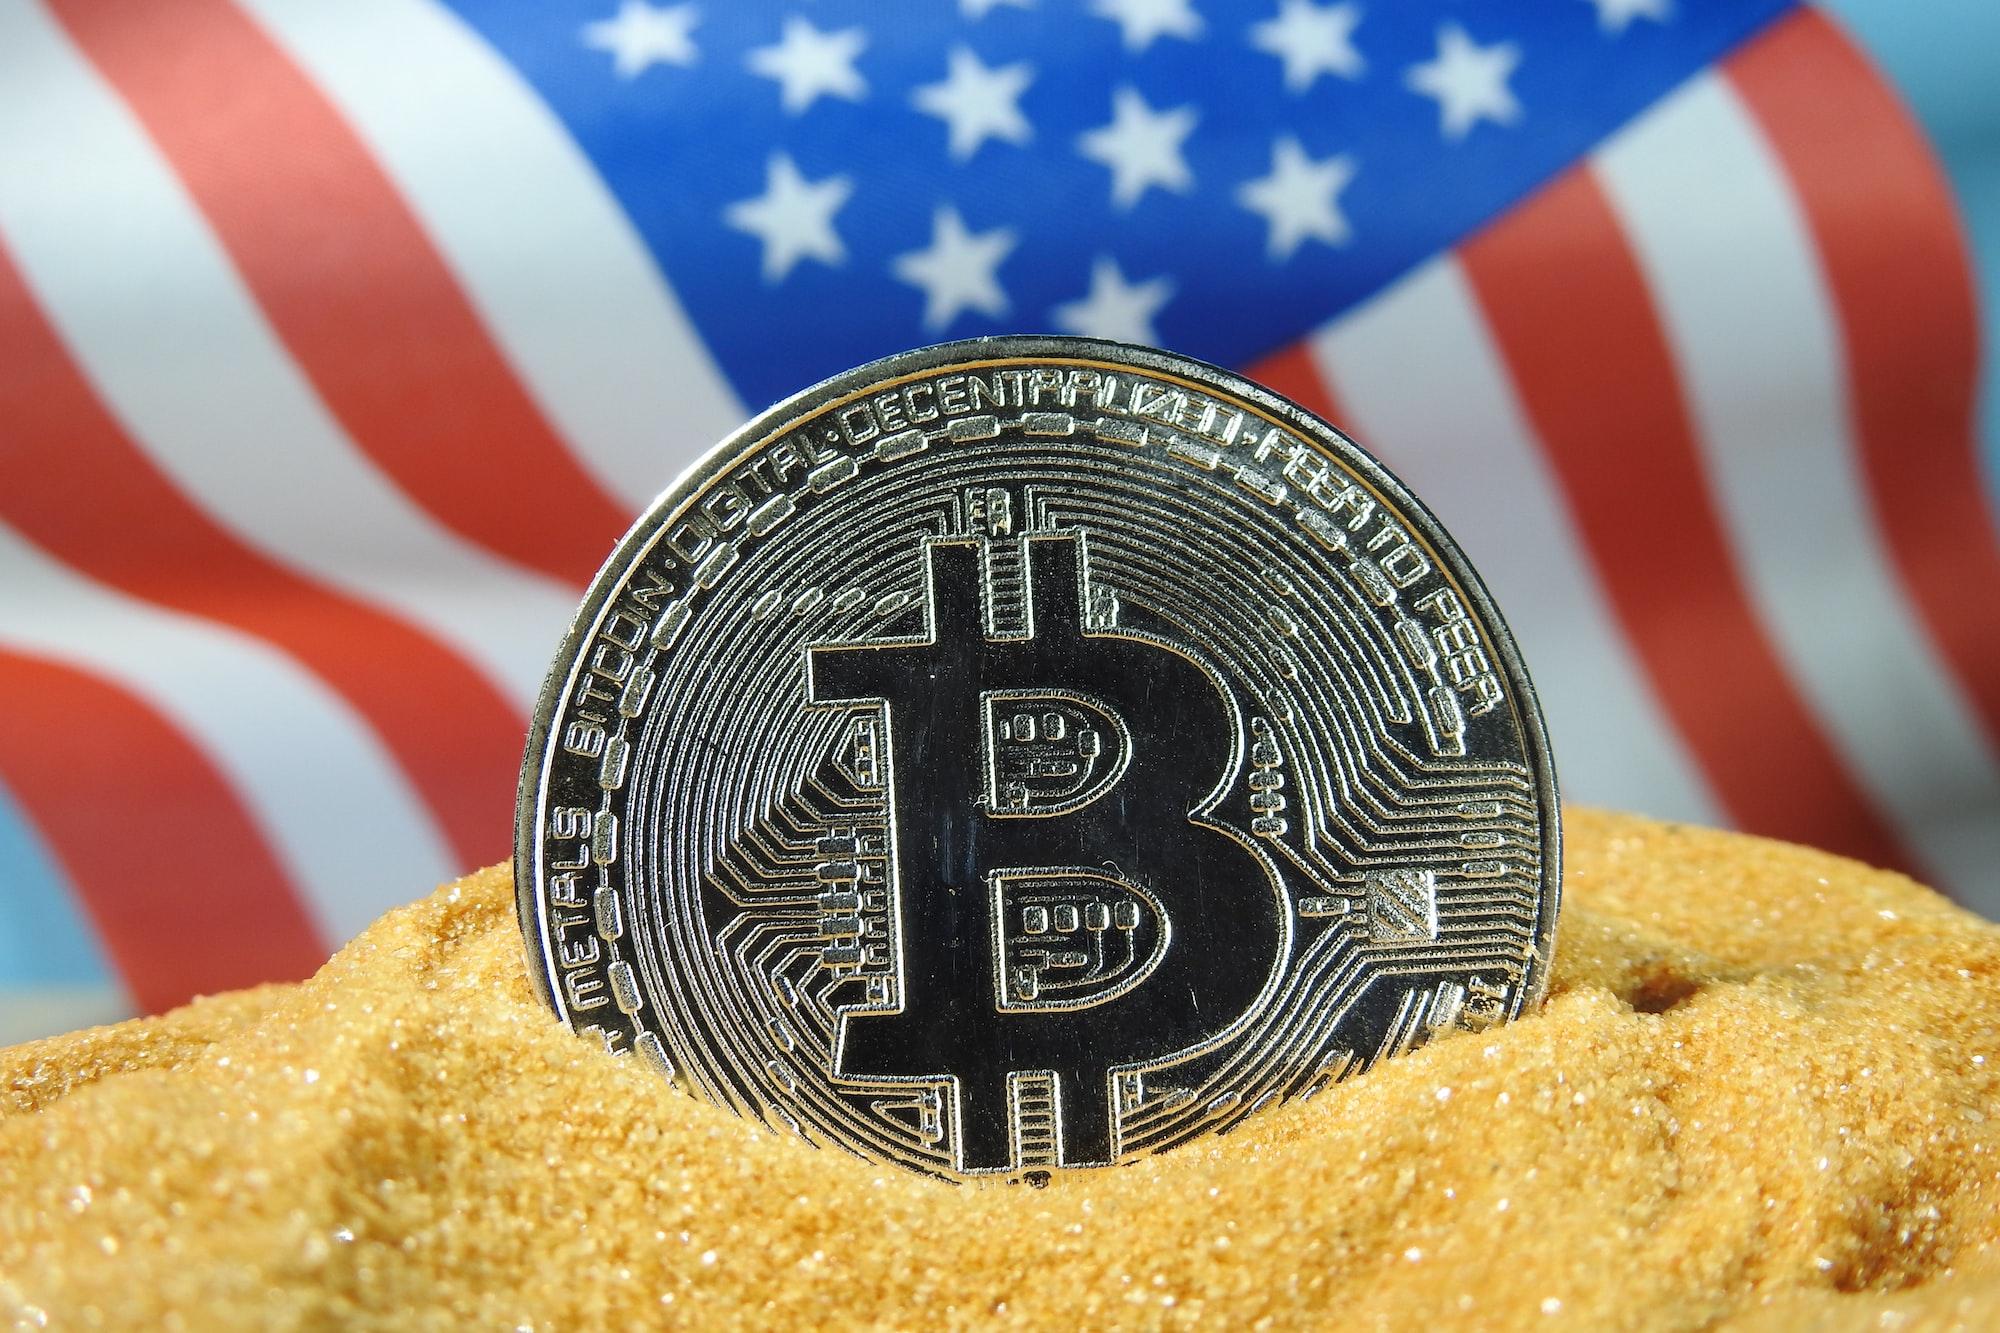 ความสนใจในการลงทุน Bitcoin เพิ่มขึ้นถึง 19%